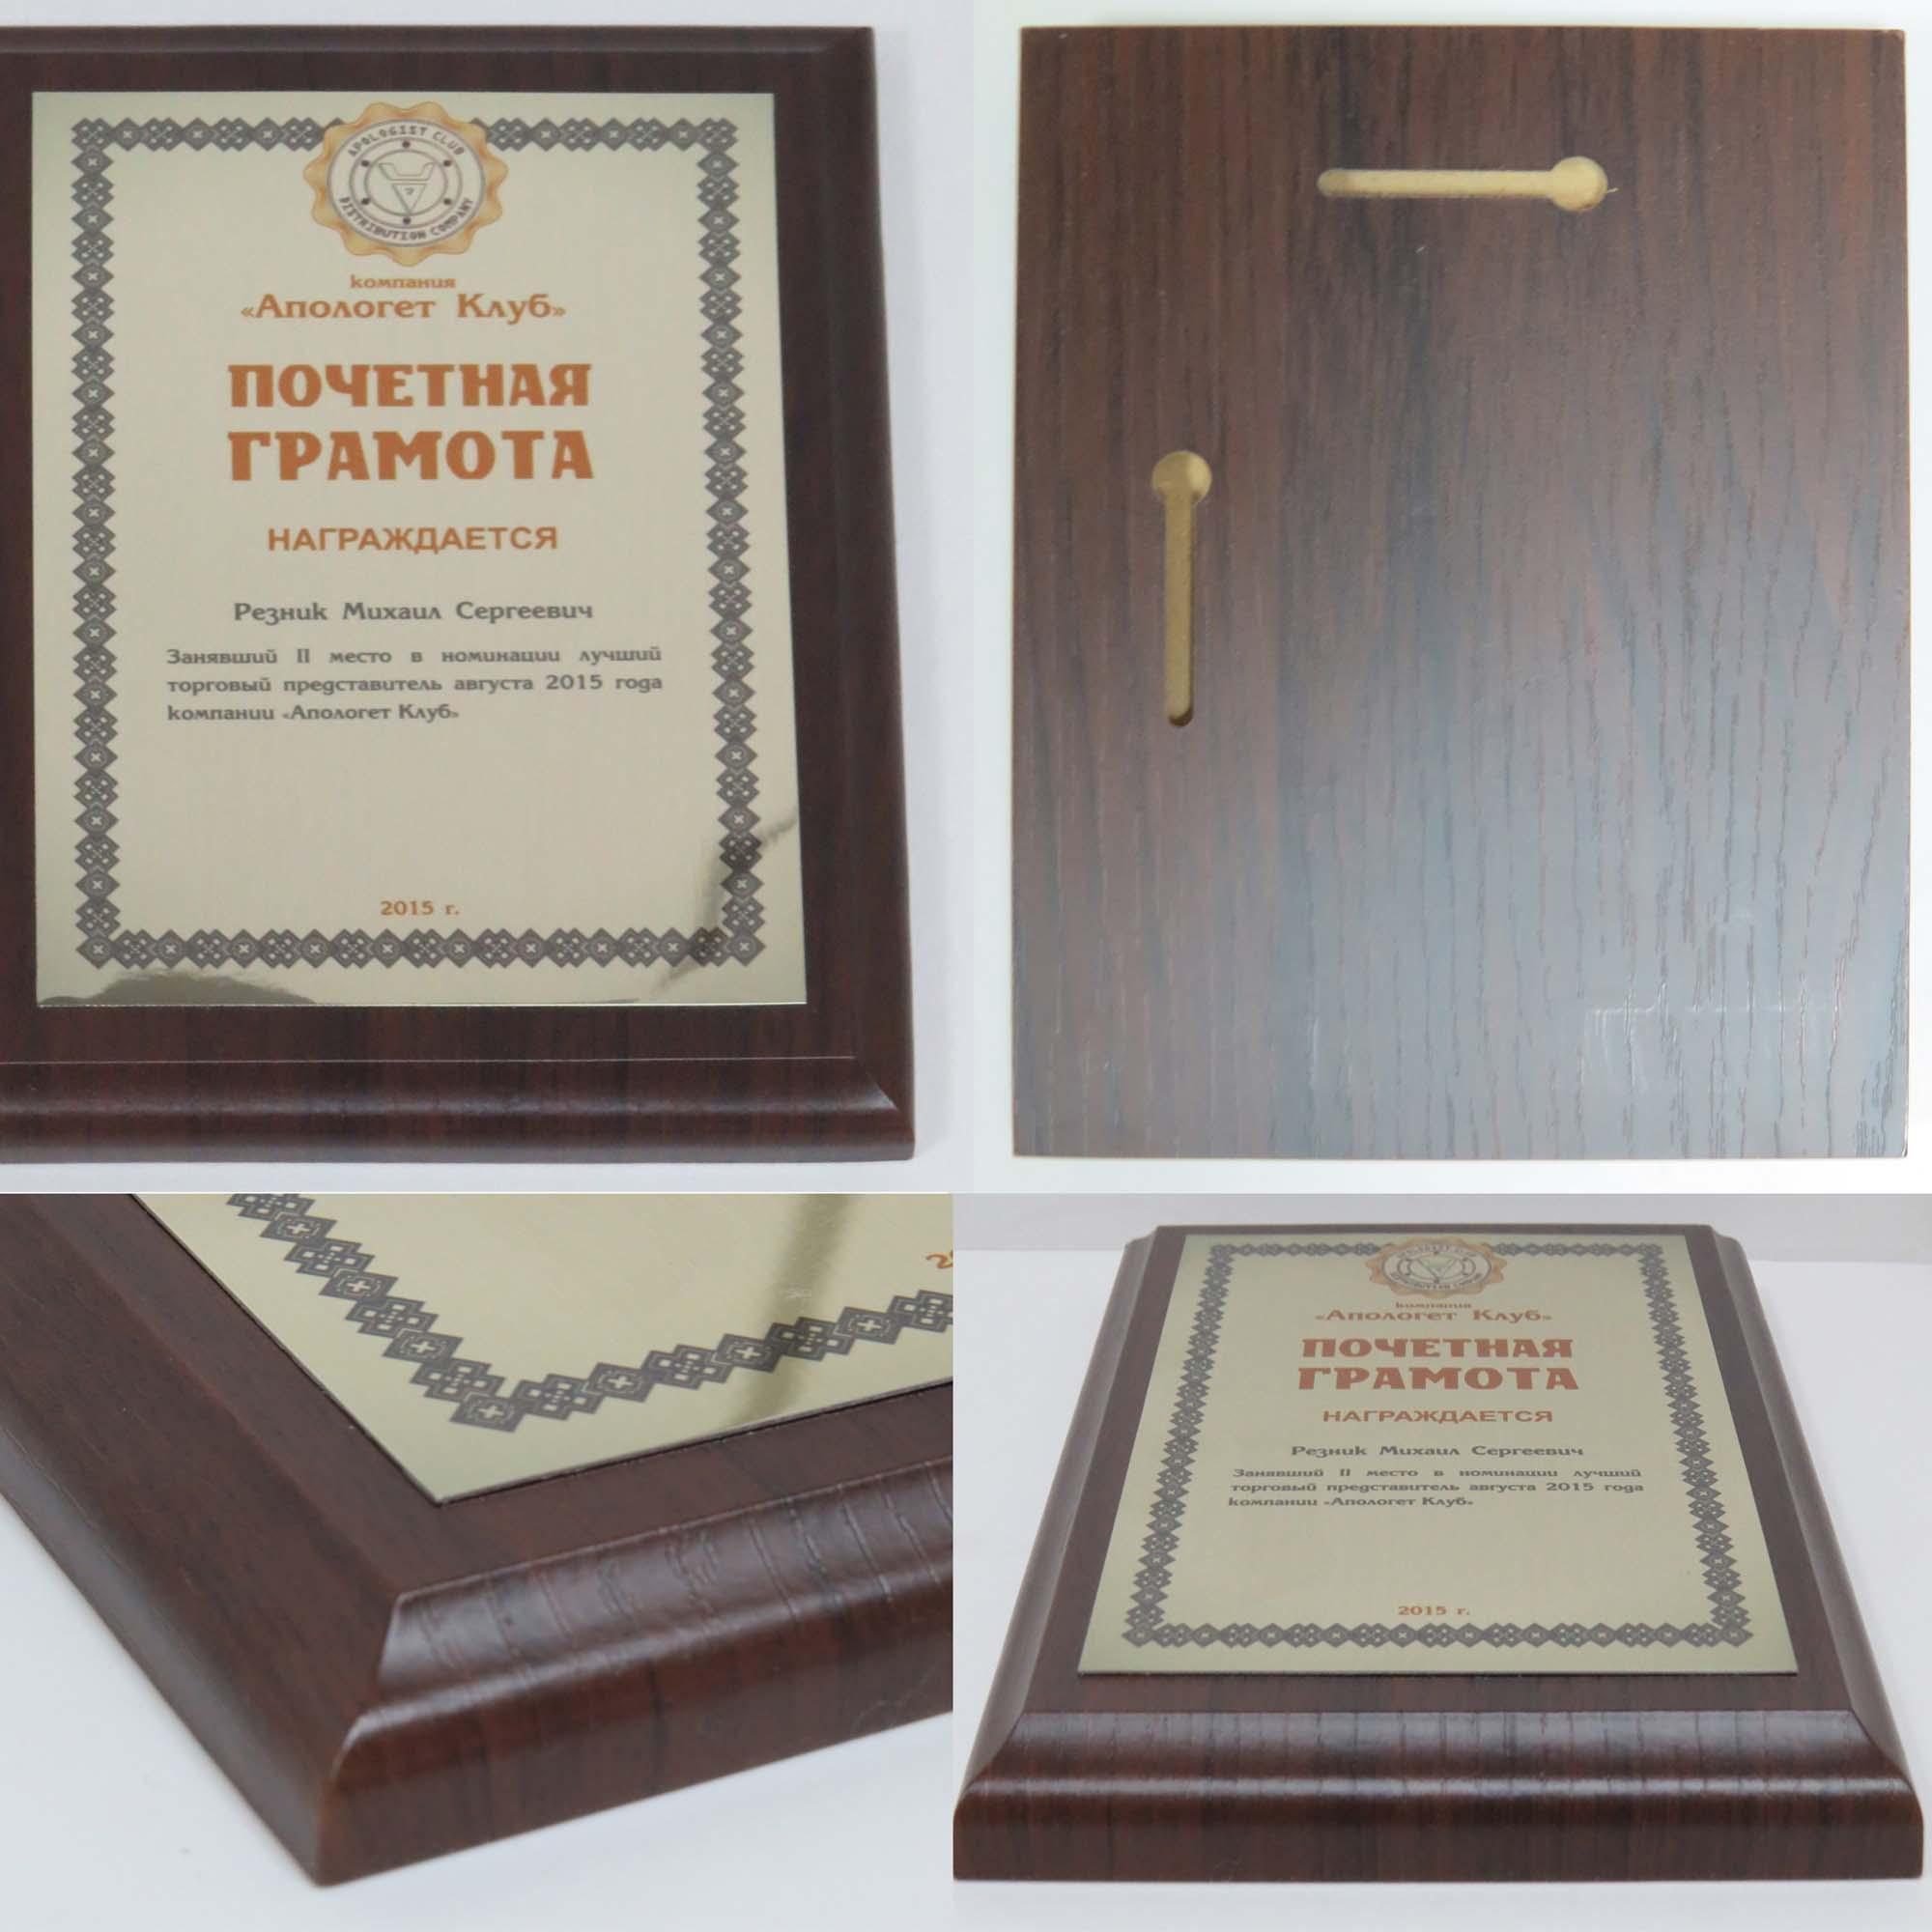 Купить наградные и подарочные дипломы и сертификаты Фото цена   Наградные дипломы и сертификаты